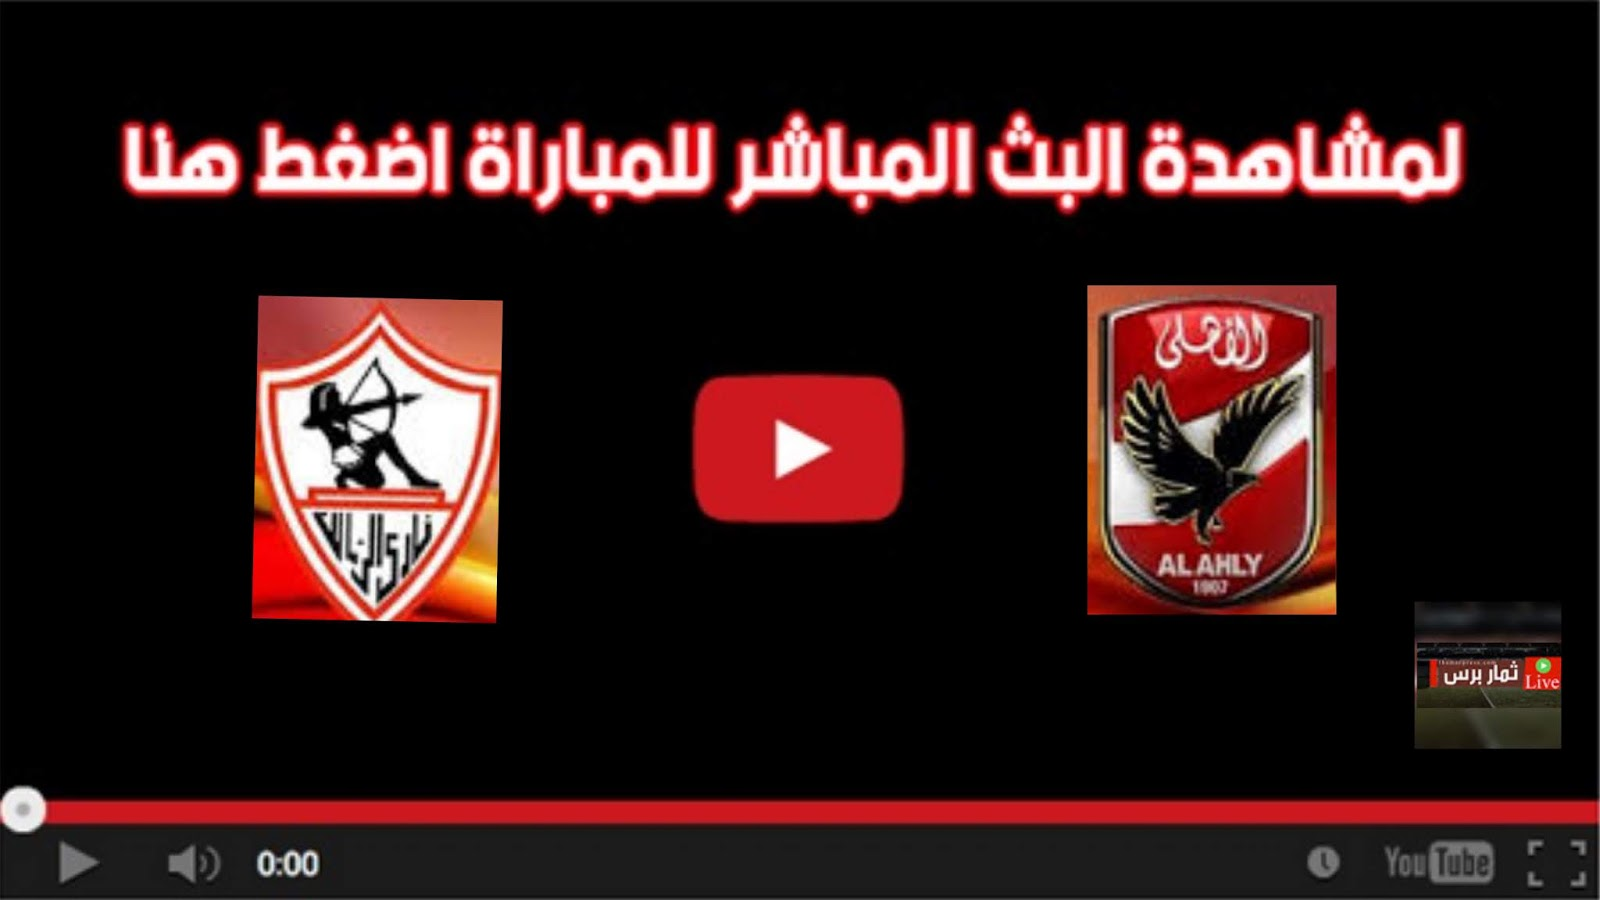 مشاهدة مباراة الزمالك والأهلي بث مباشر بتاريخ 30-03-2019 الدوري المصري مباشر الآن